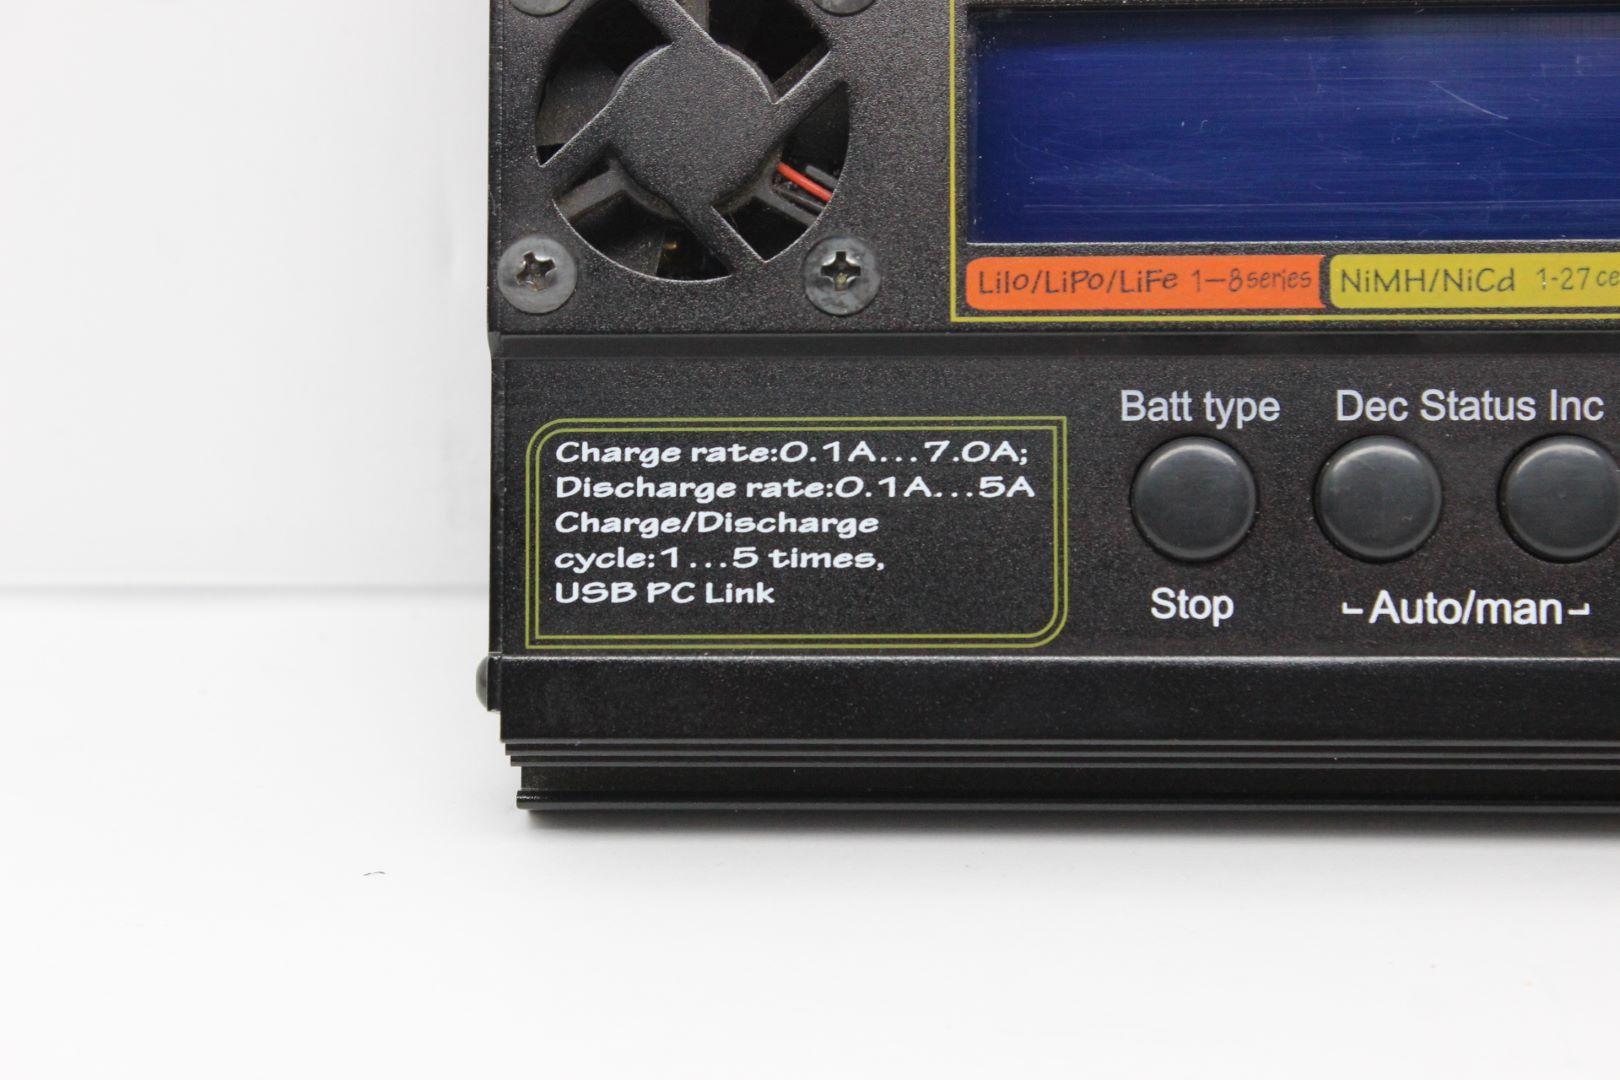 D39D0E18-7125-654F-848F-BC86B7ECAC07_3.png